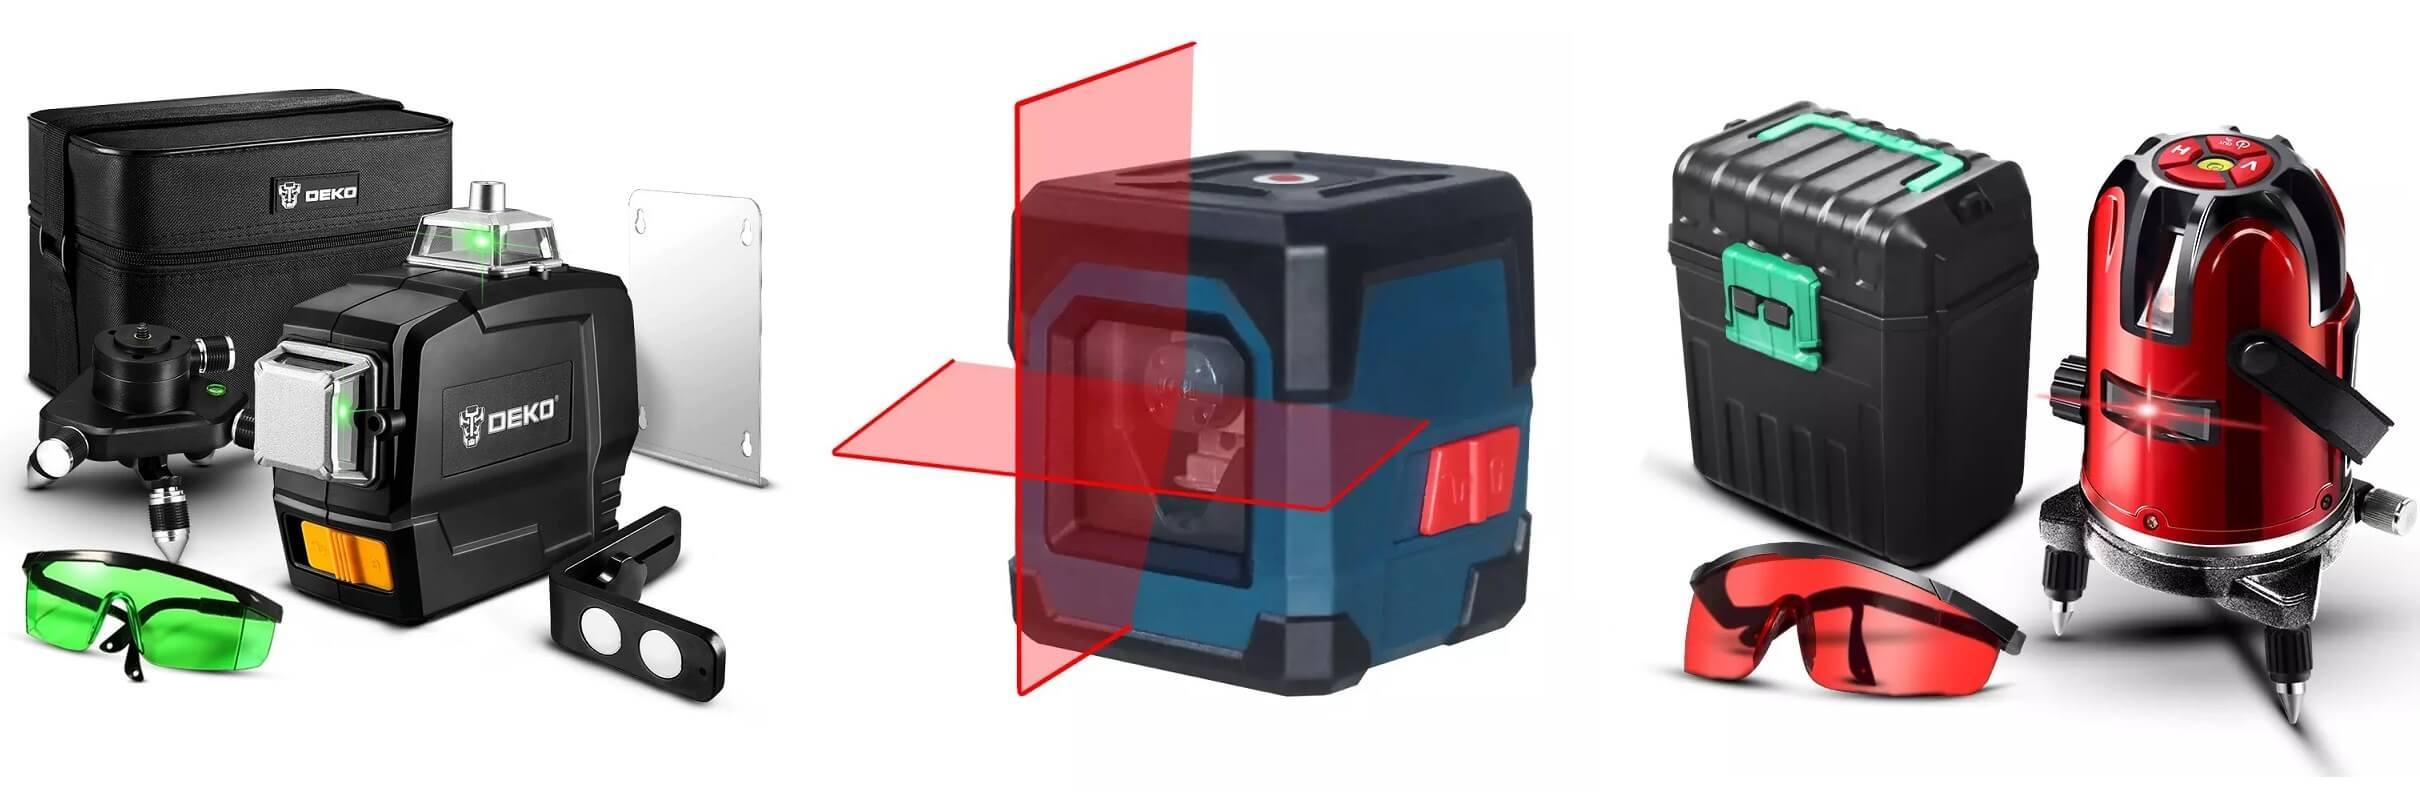 ТОП-10 лазерных уровней с Алиэкспресс